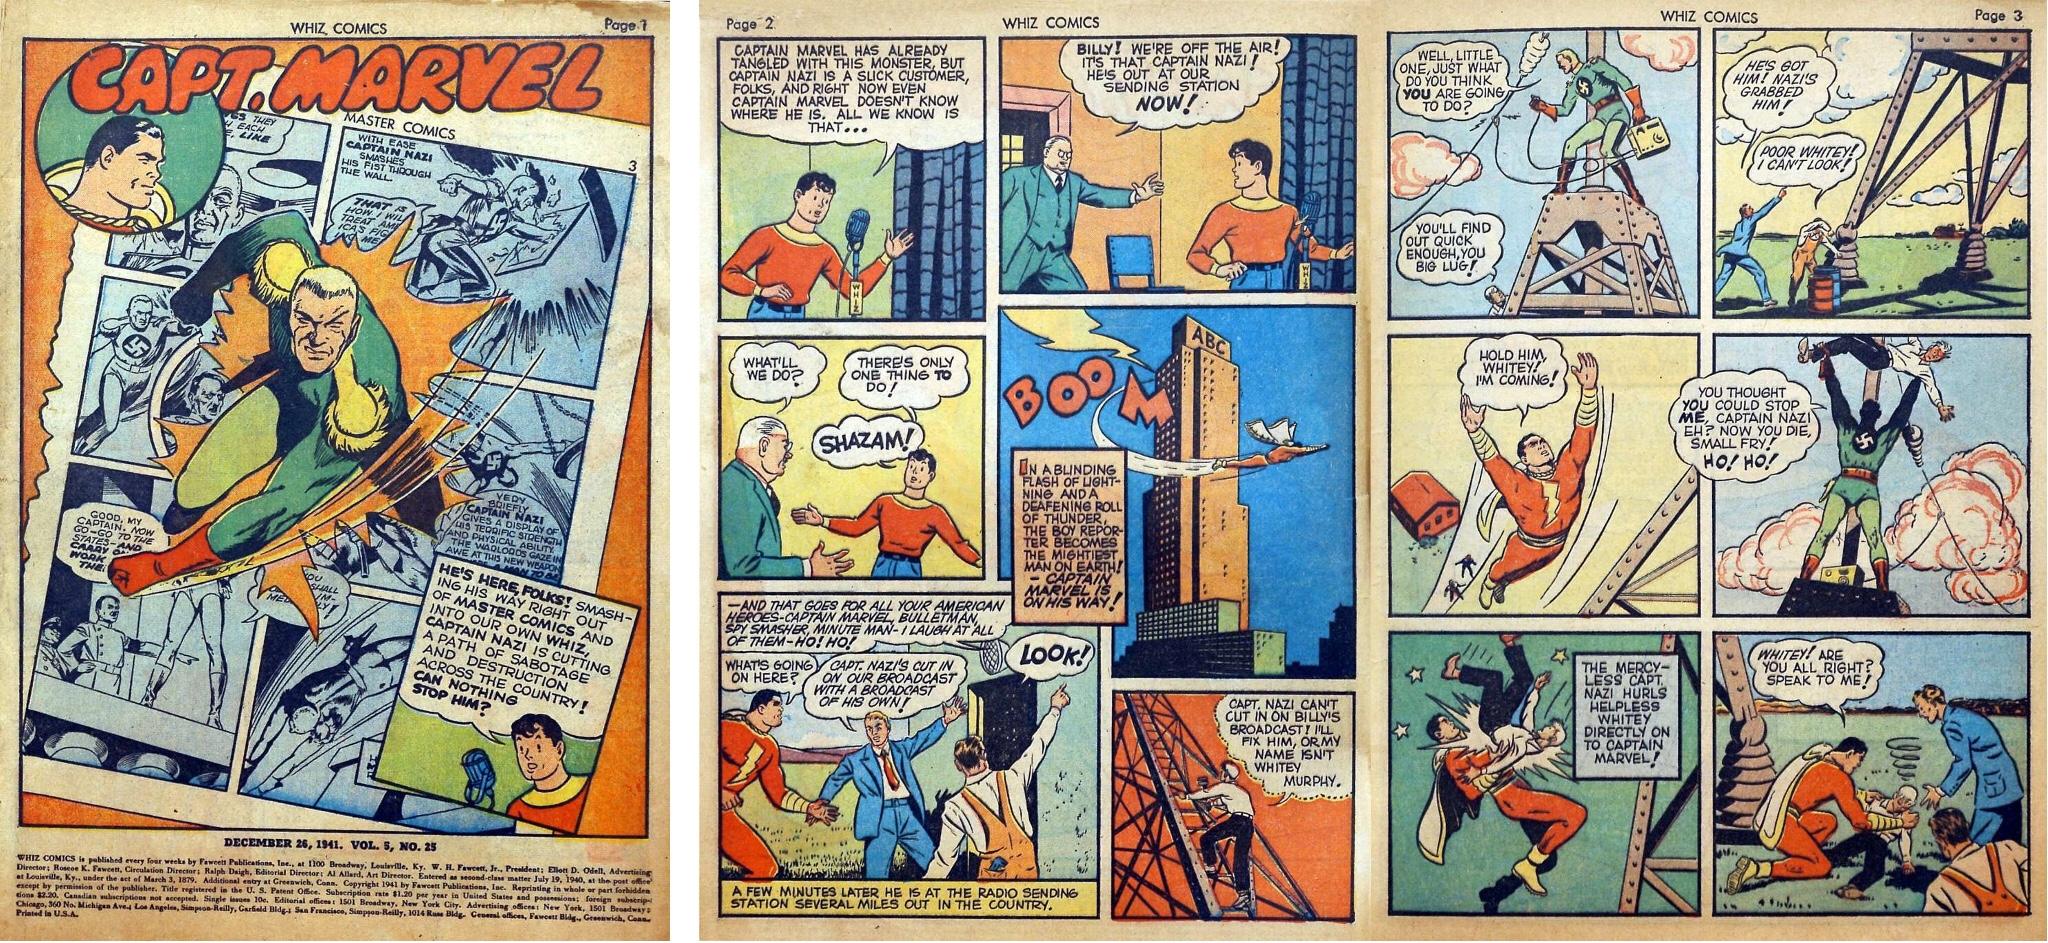 Inledande sidor ur Captain Marvel, med introduktionen av Captain Marvel Jr. från Whiz Comics #25 (1941). ©Fawcett